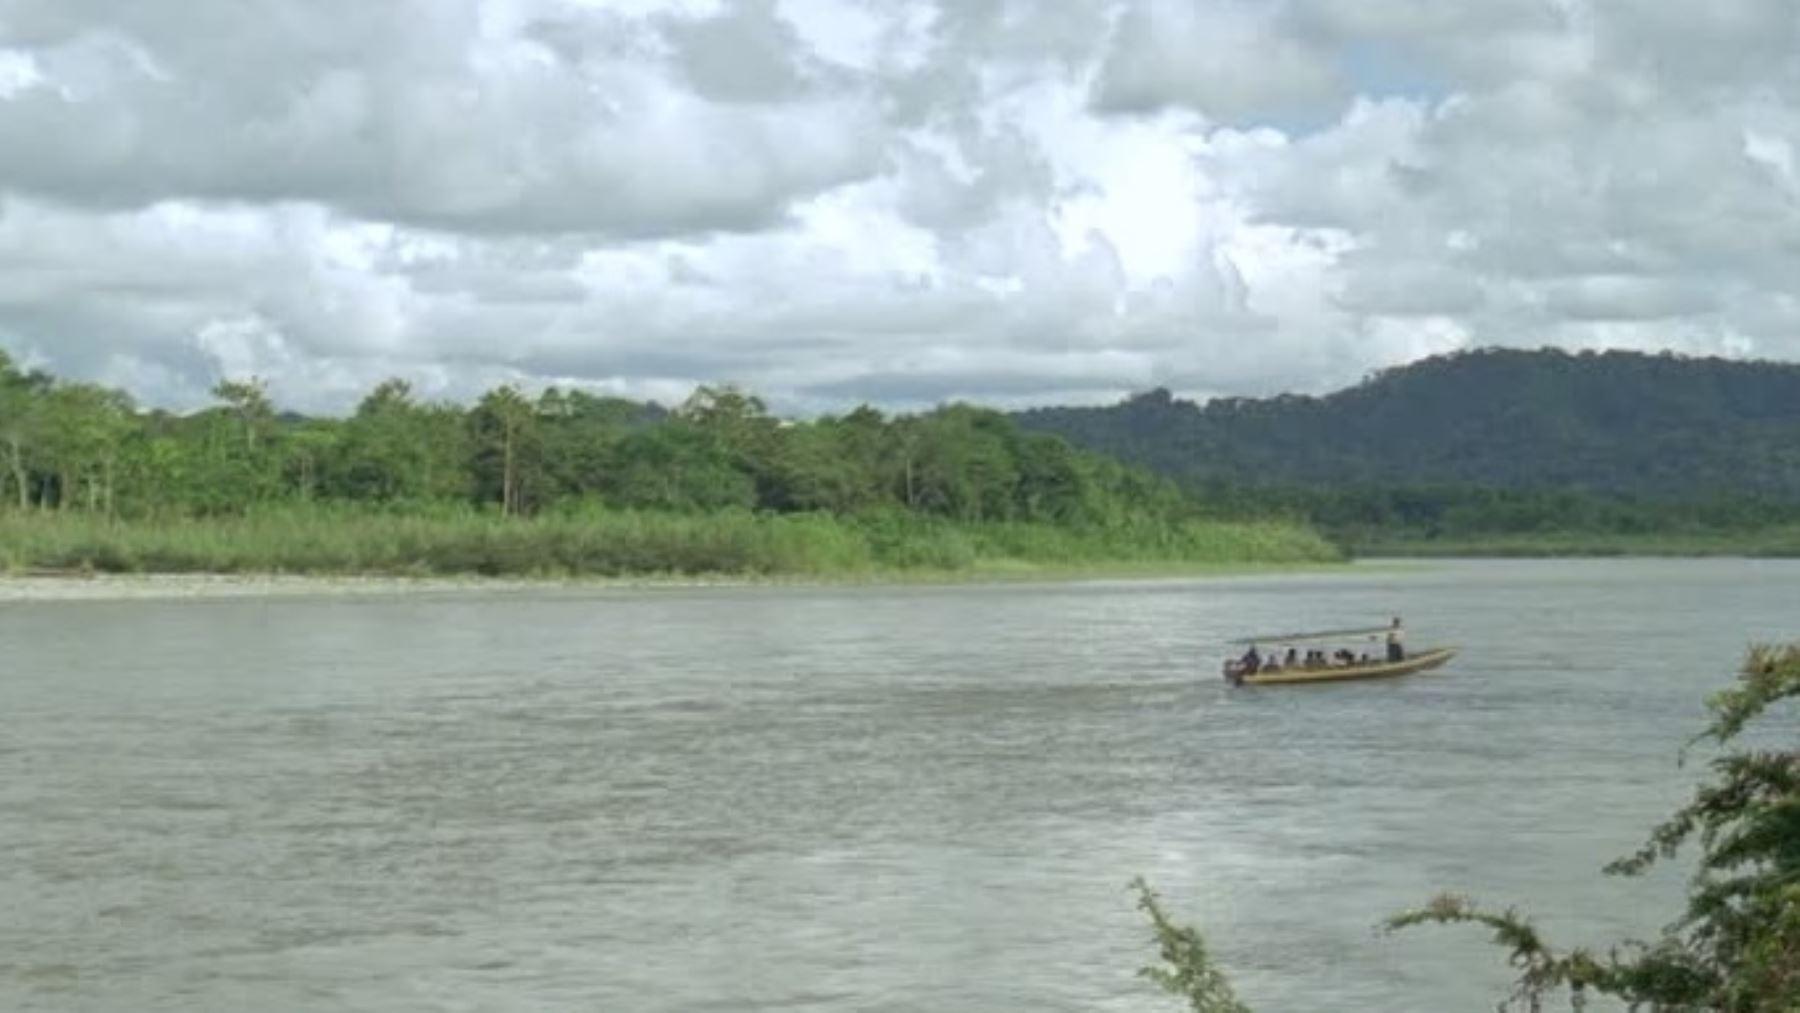 Debido a las lluvias de moderada intensidad que se vienen registrando en los últimos días en la Selva, el nivel de agua del río Napo continúa en ascenso y en alerta roja, informó el Servicio Nacional de Meteorología e Hidrología (Senamhi).ANDINA/Difusión